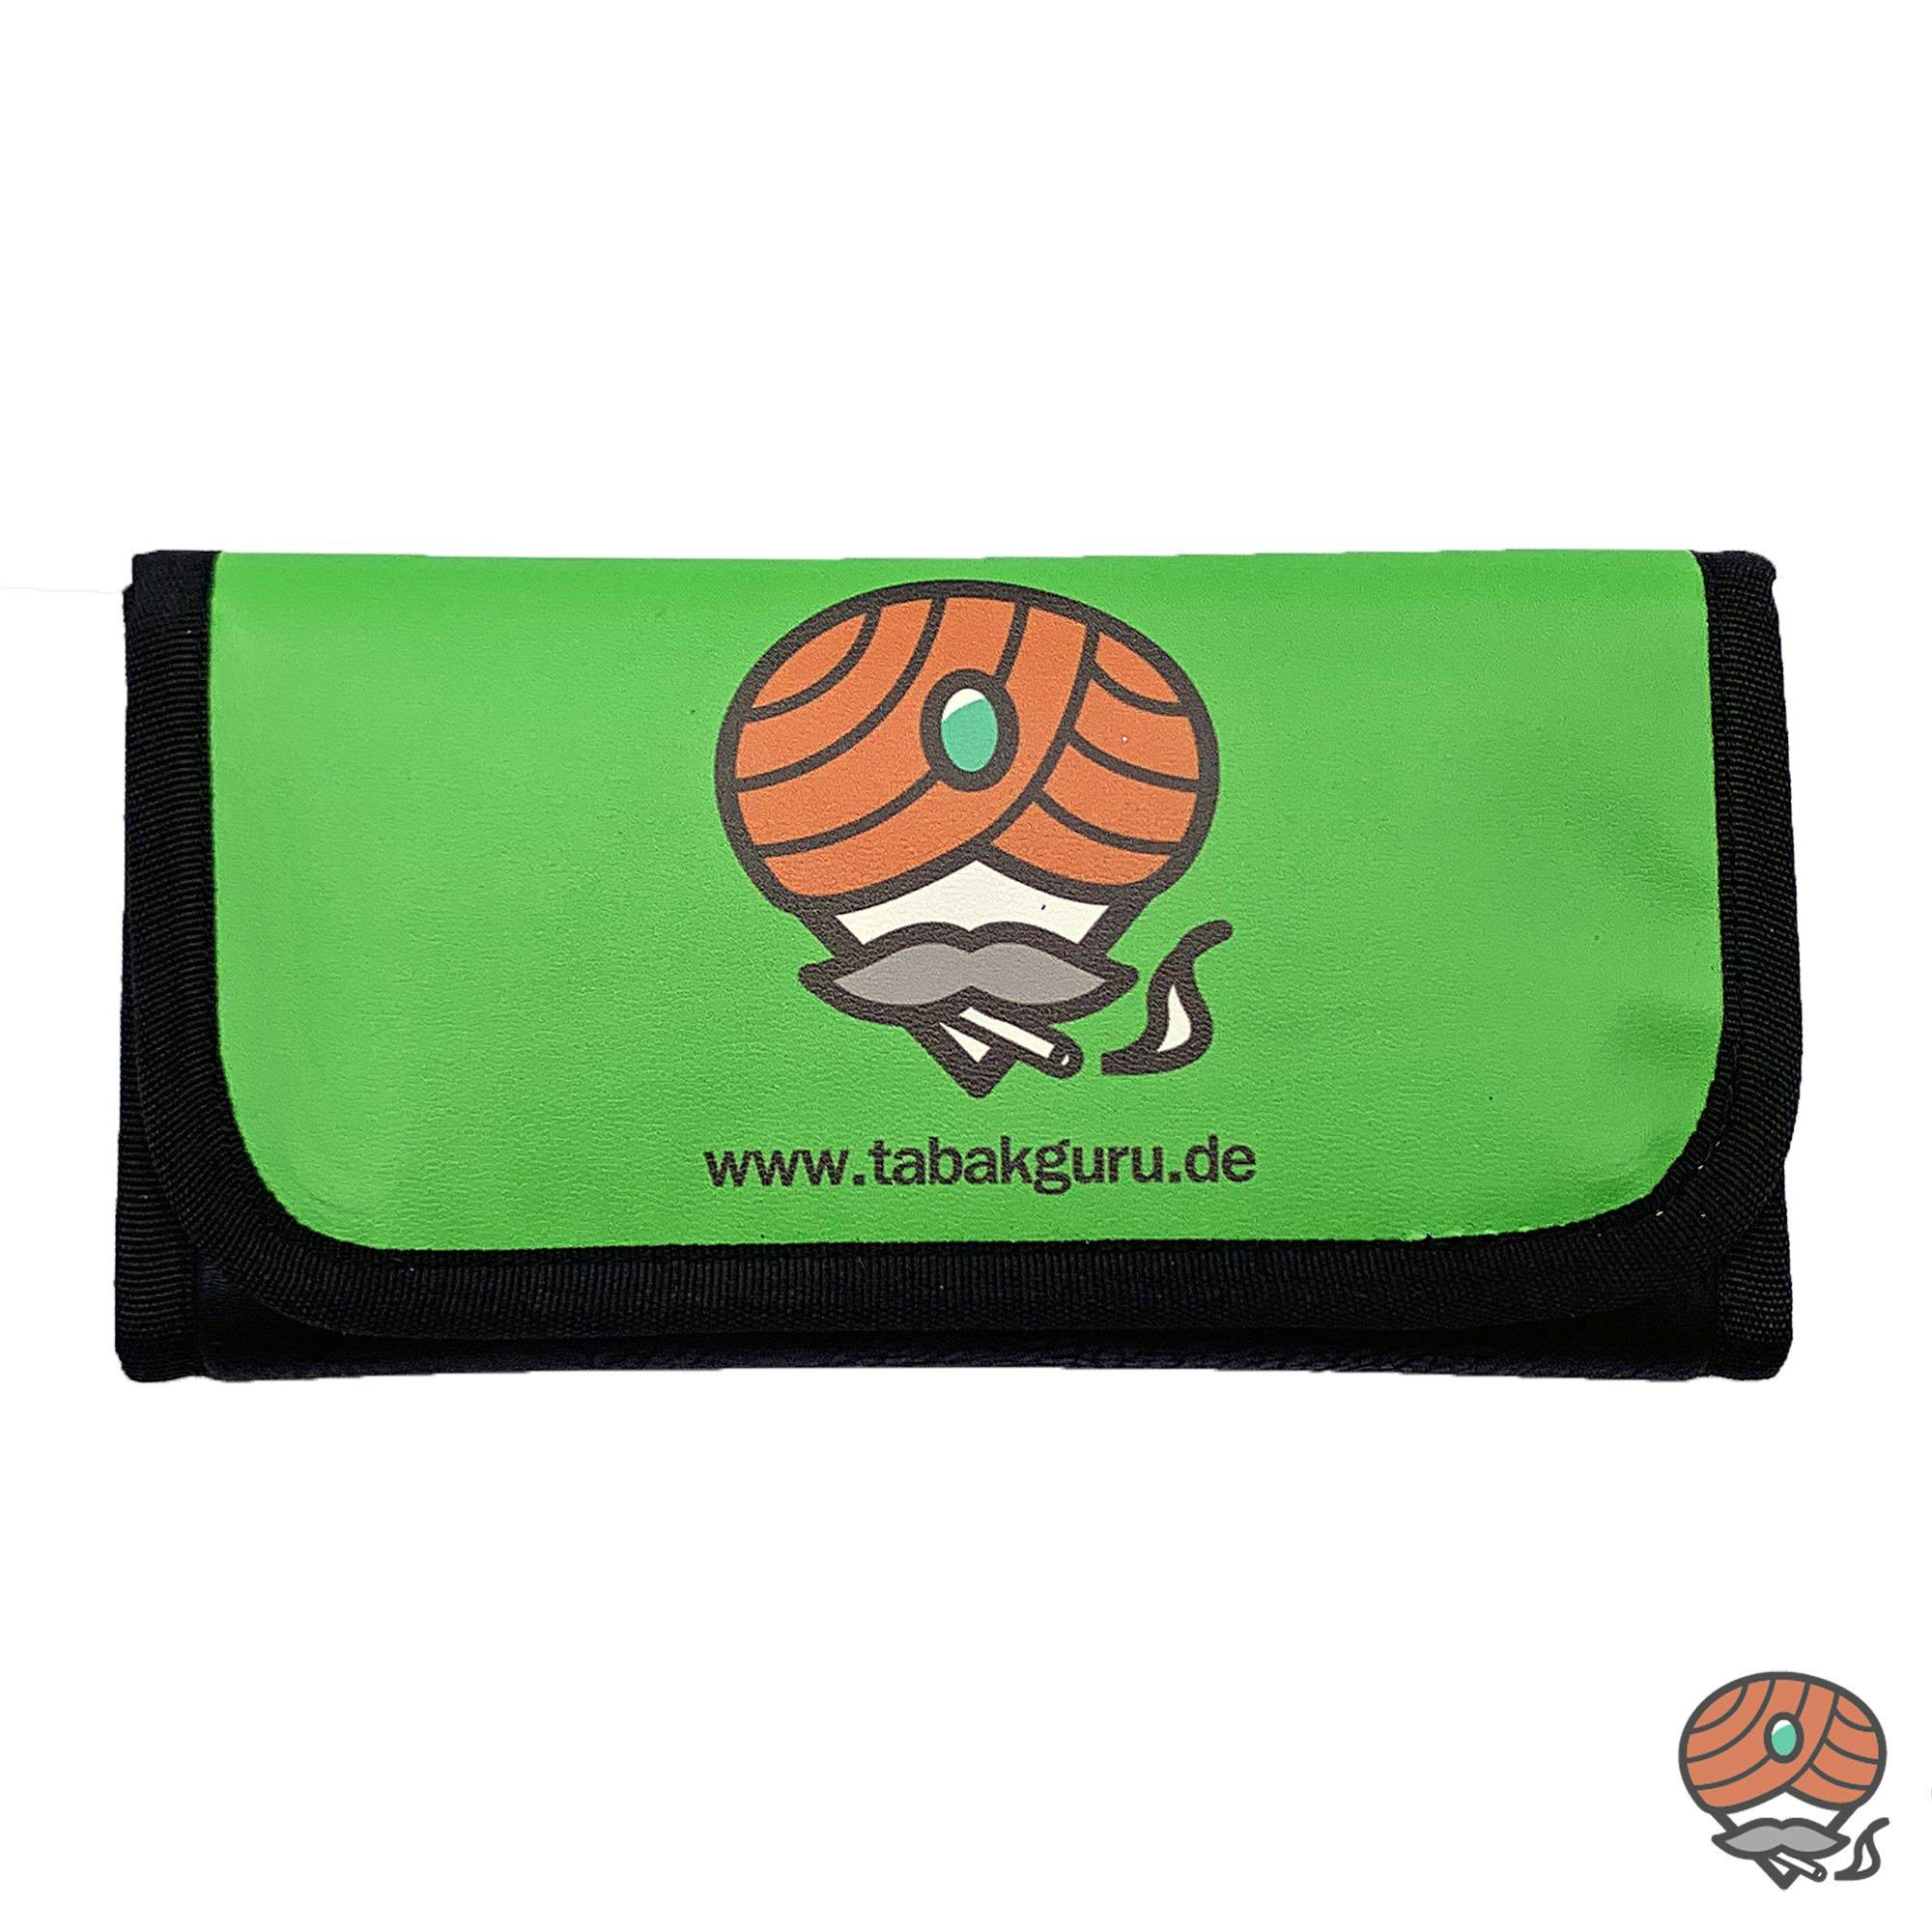 Tabakguru Tabak Beutel / Tasche für Drehtabak und Zubehör Hellgrün / Schwarz